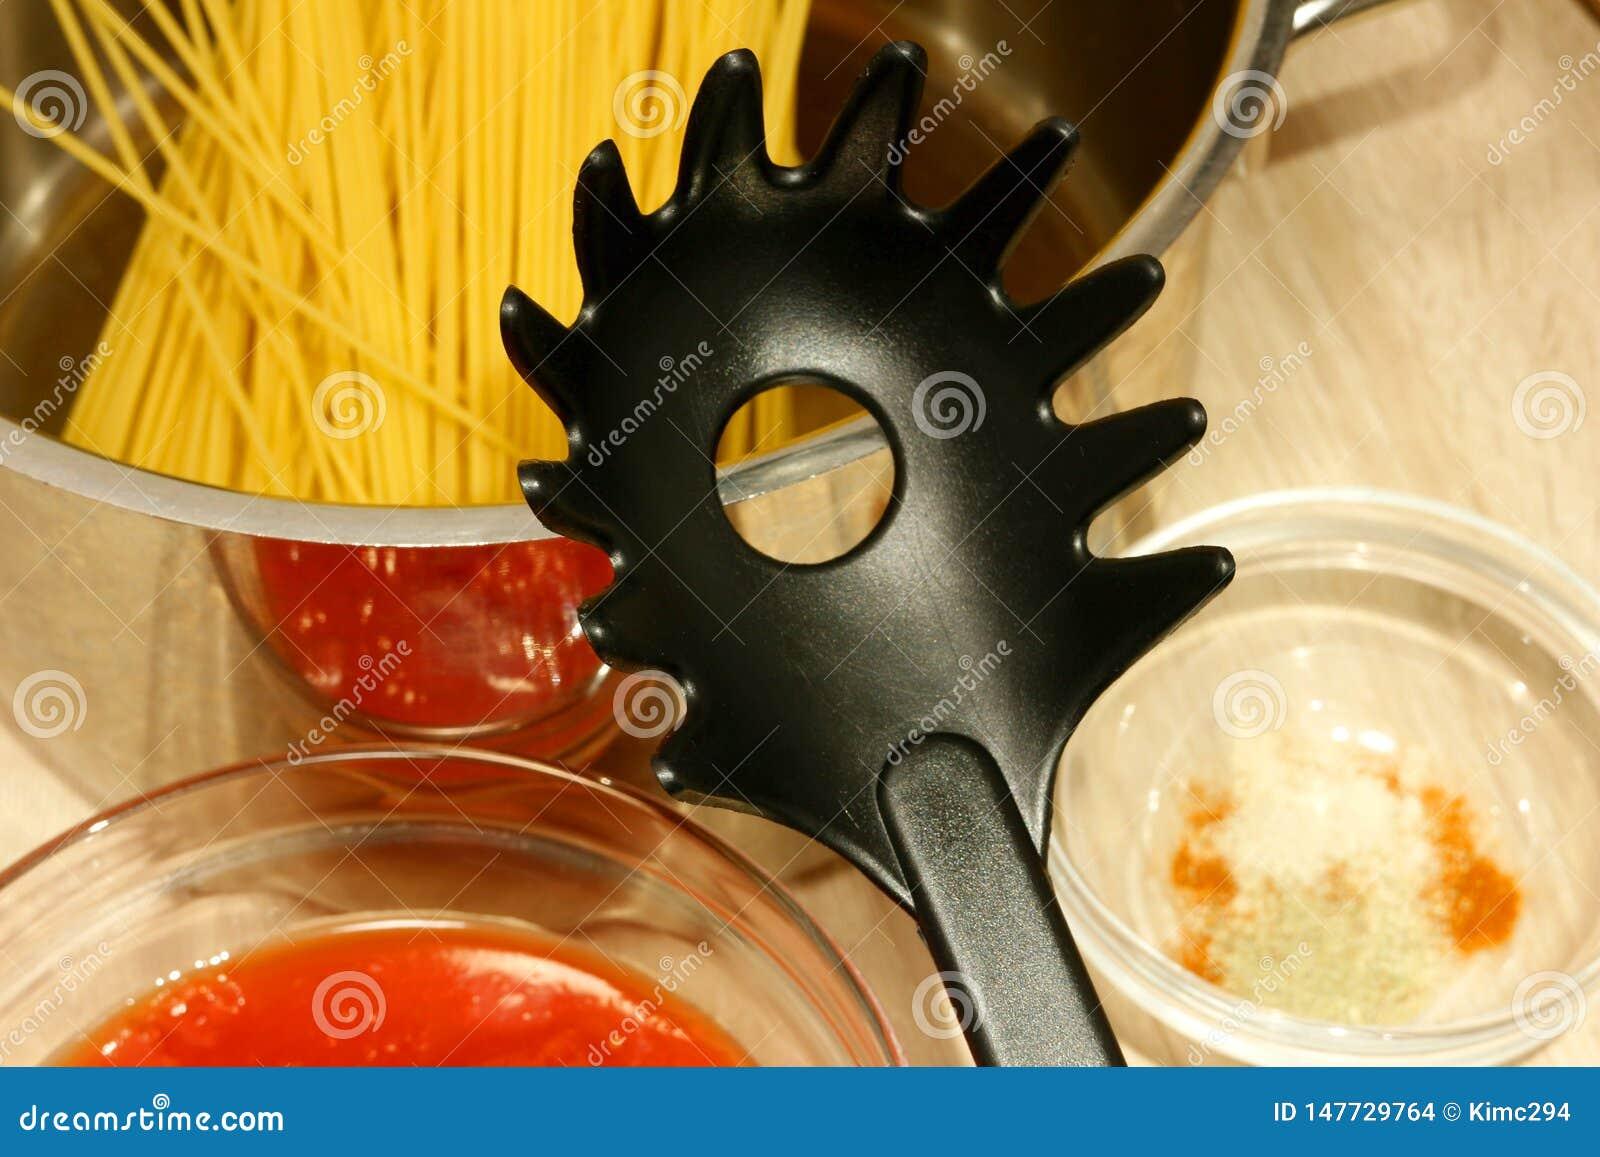 Den plast- spagettiserveren ligger på kanten av en metallisk kastrull som fylls med okokta spagettisugrör